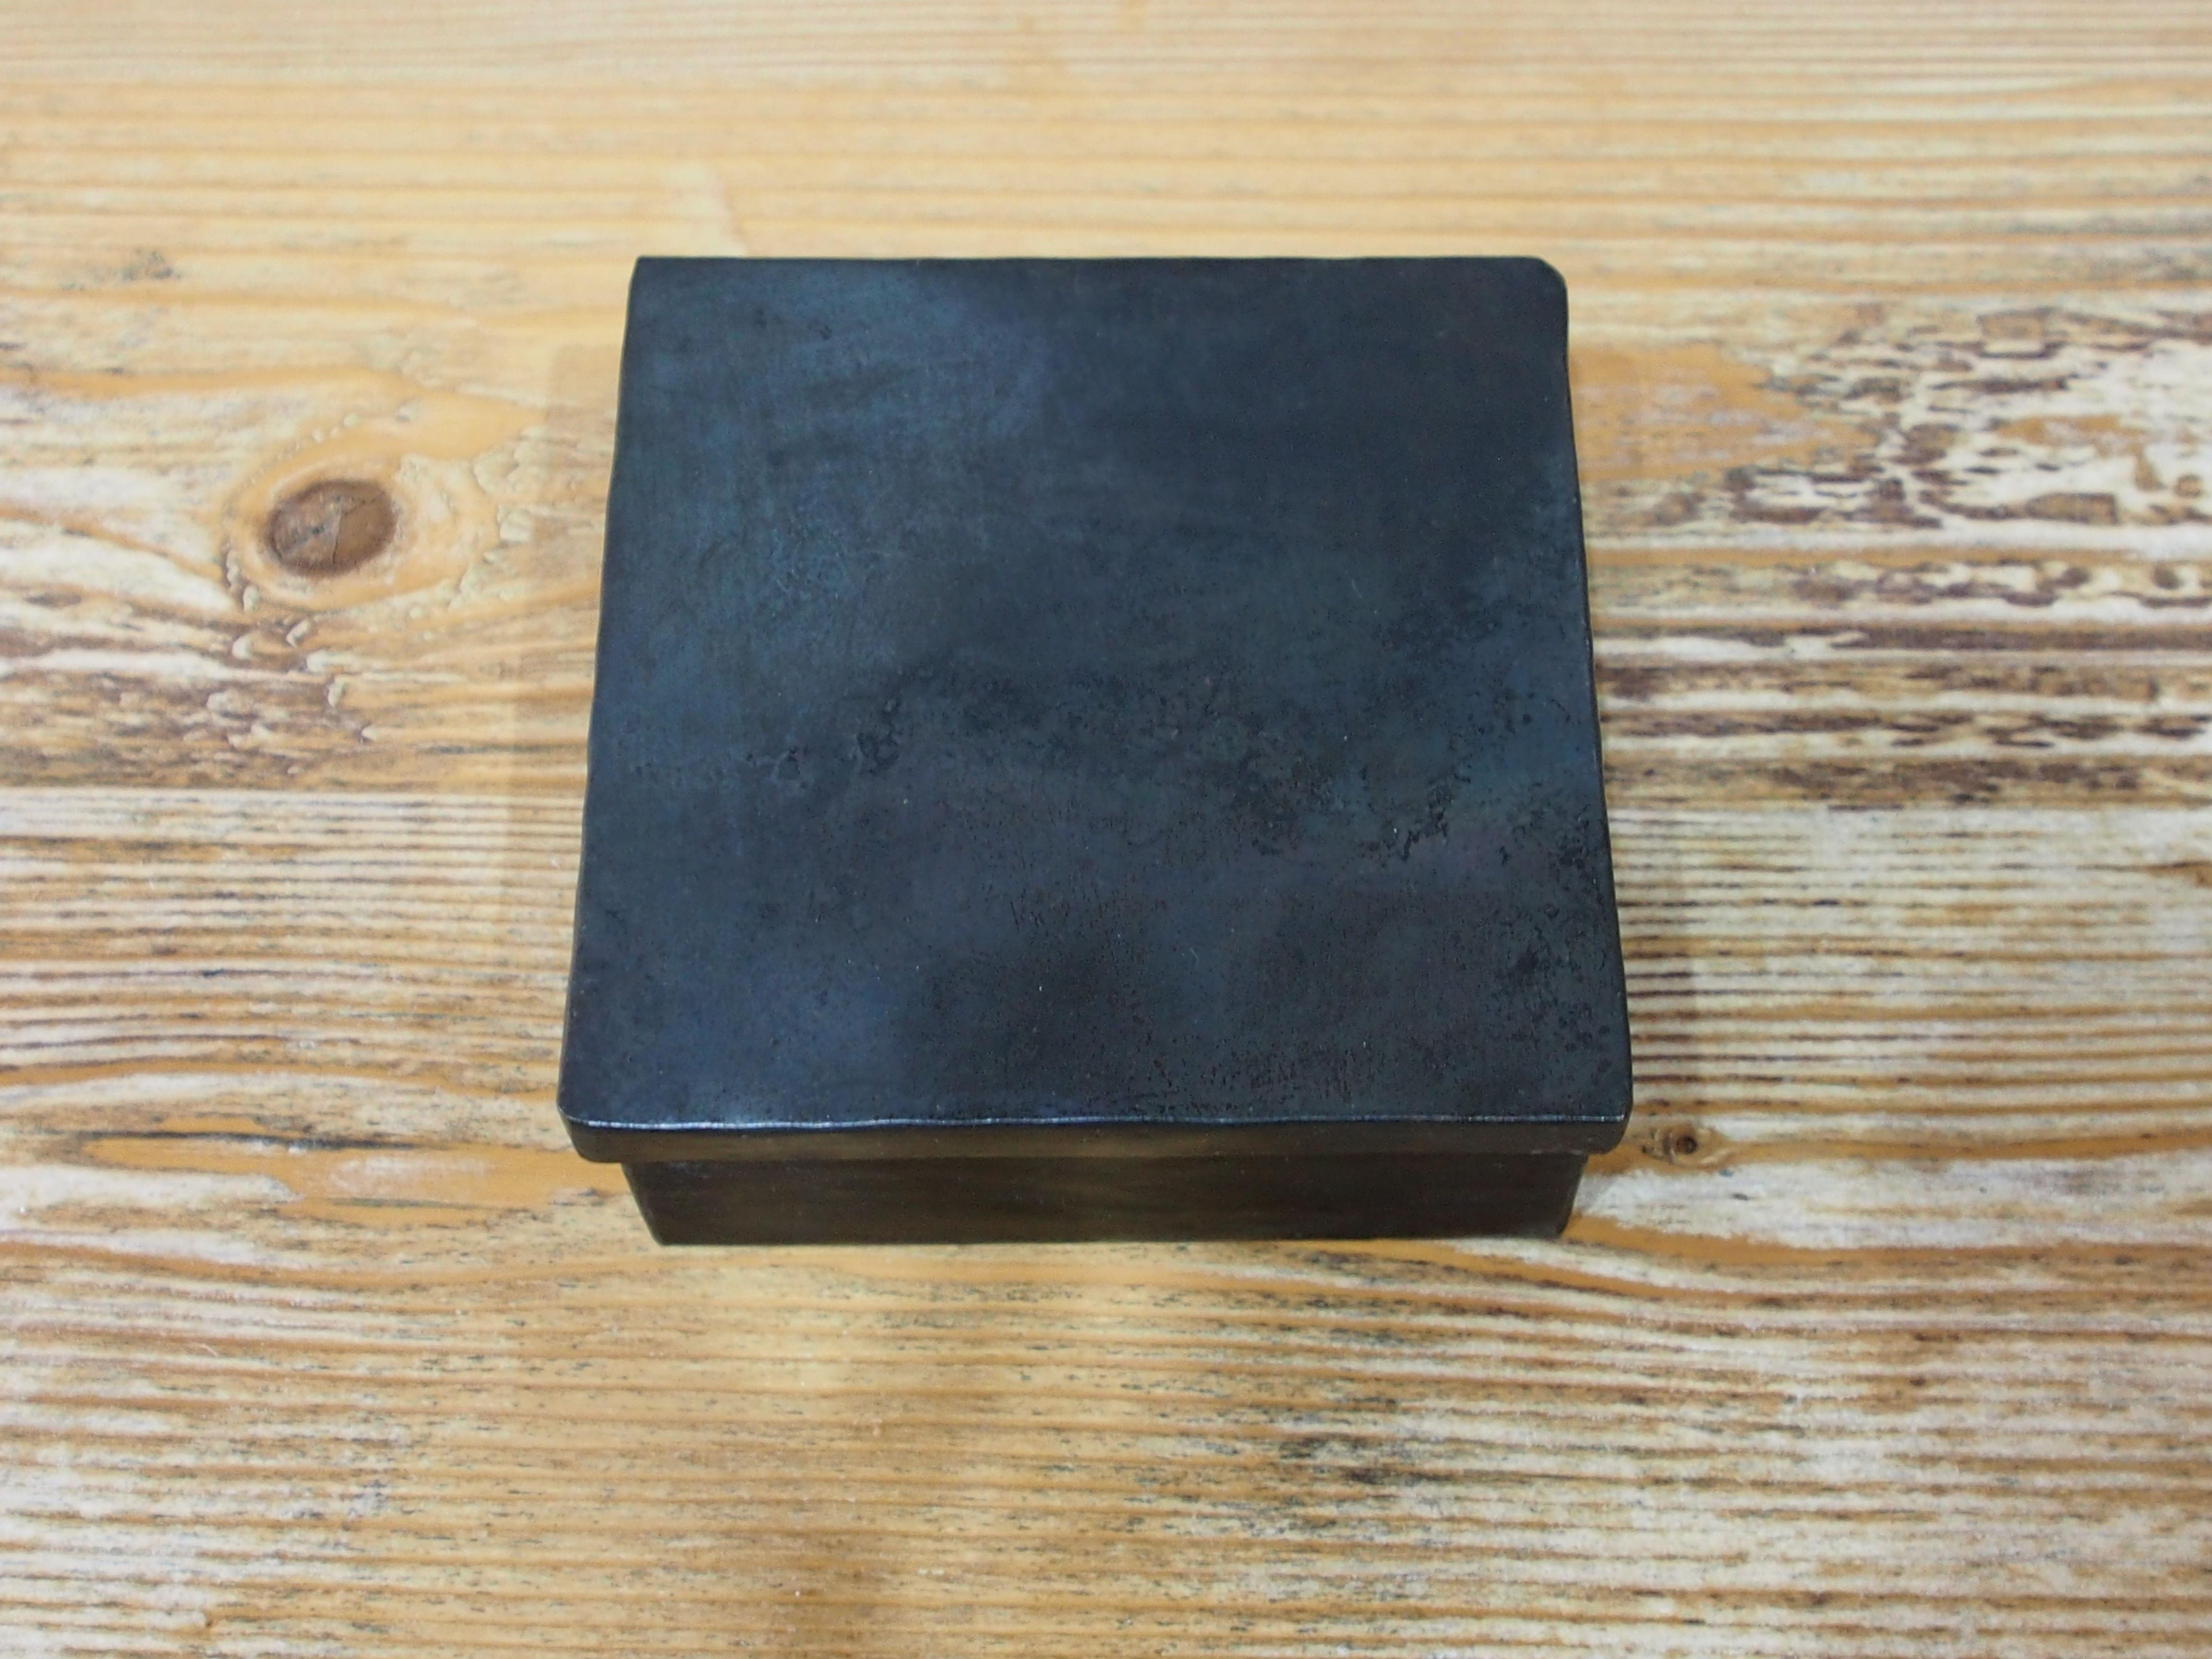 マダガスカルアイアンボックス 正方形 小